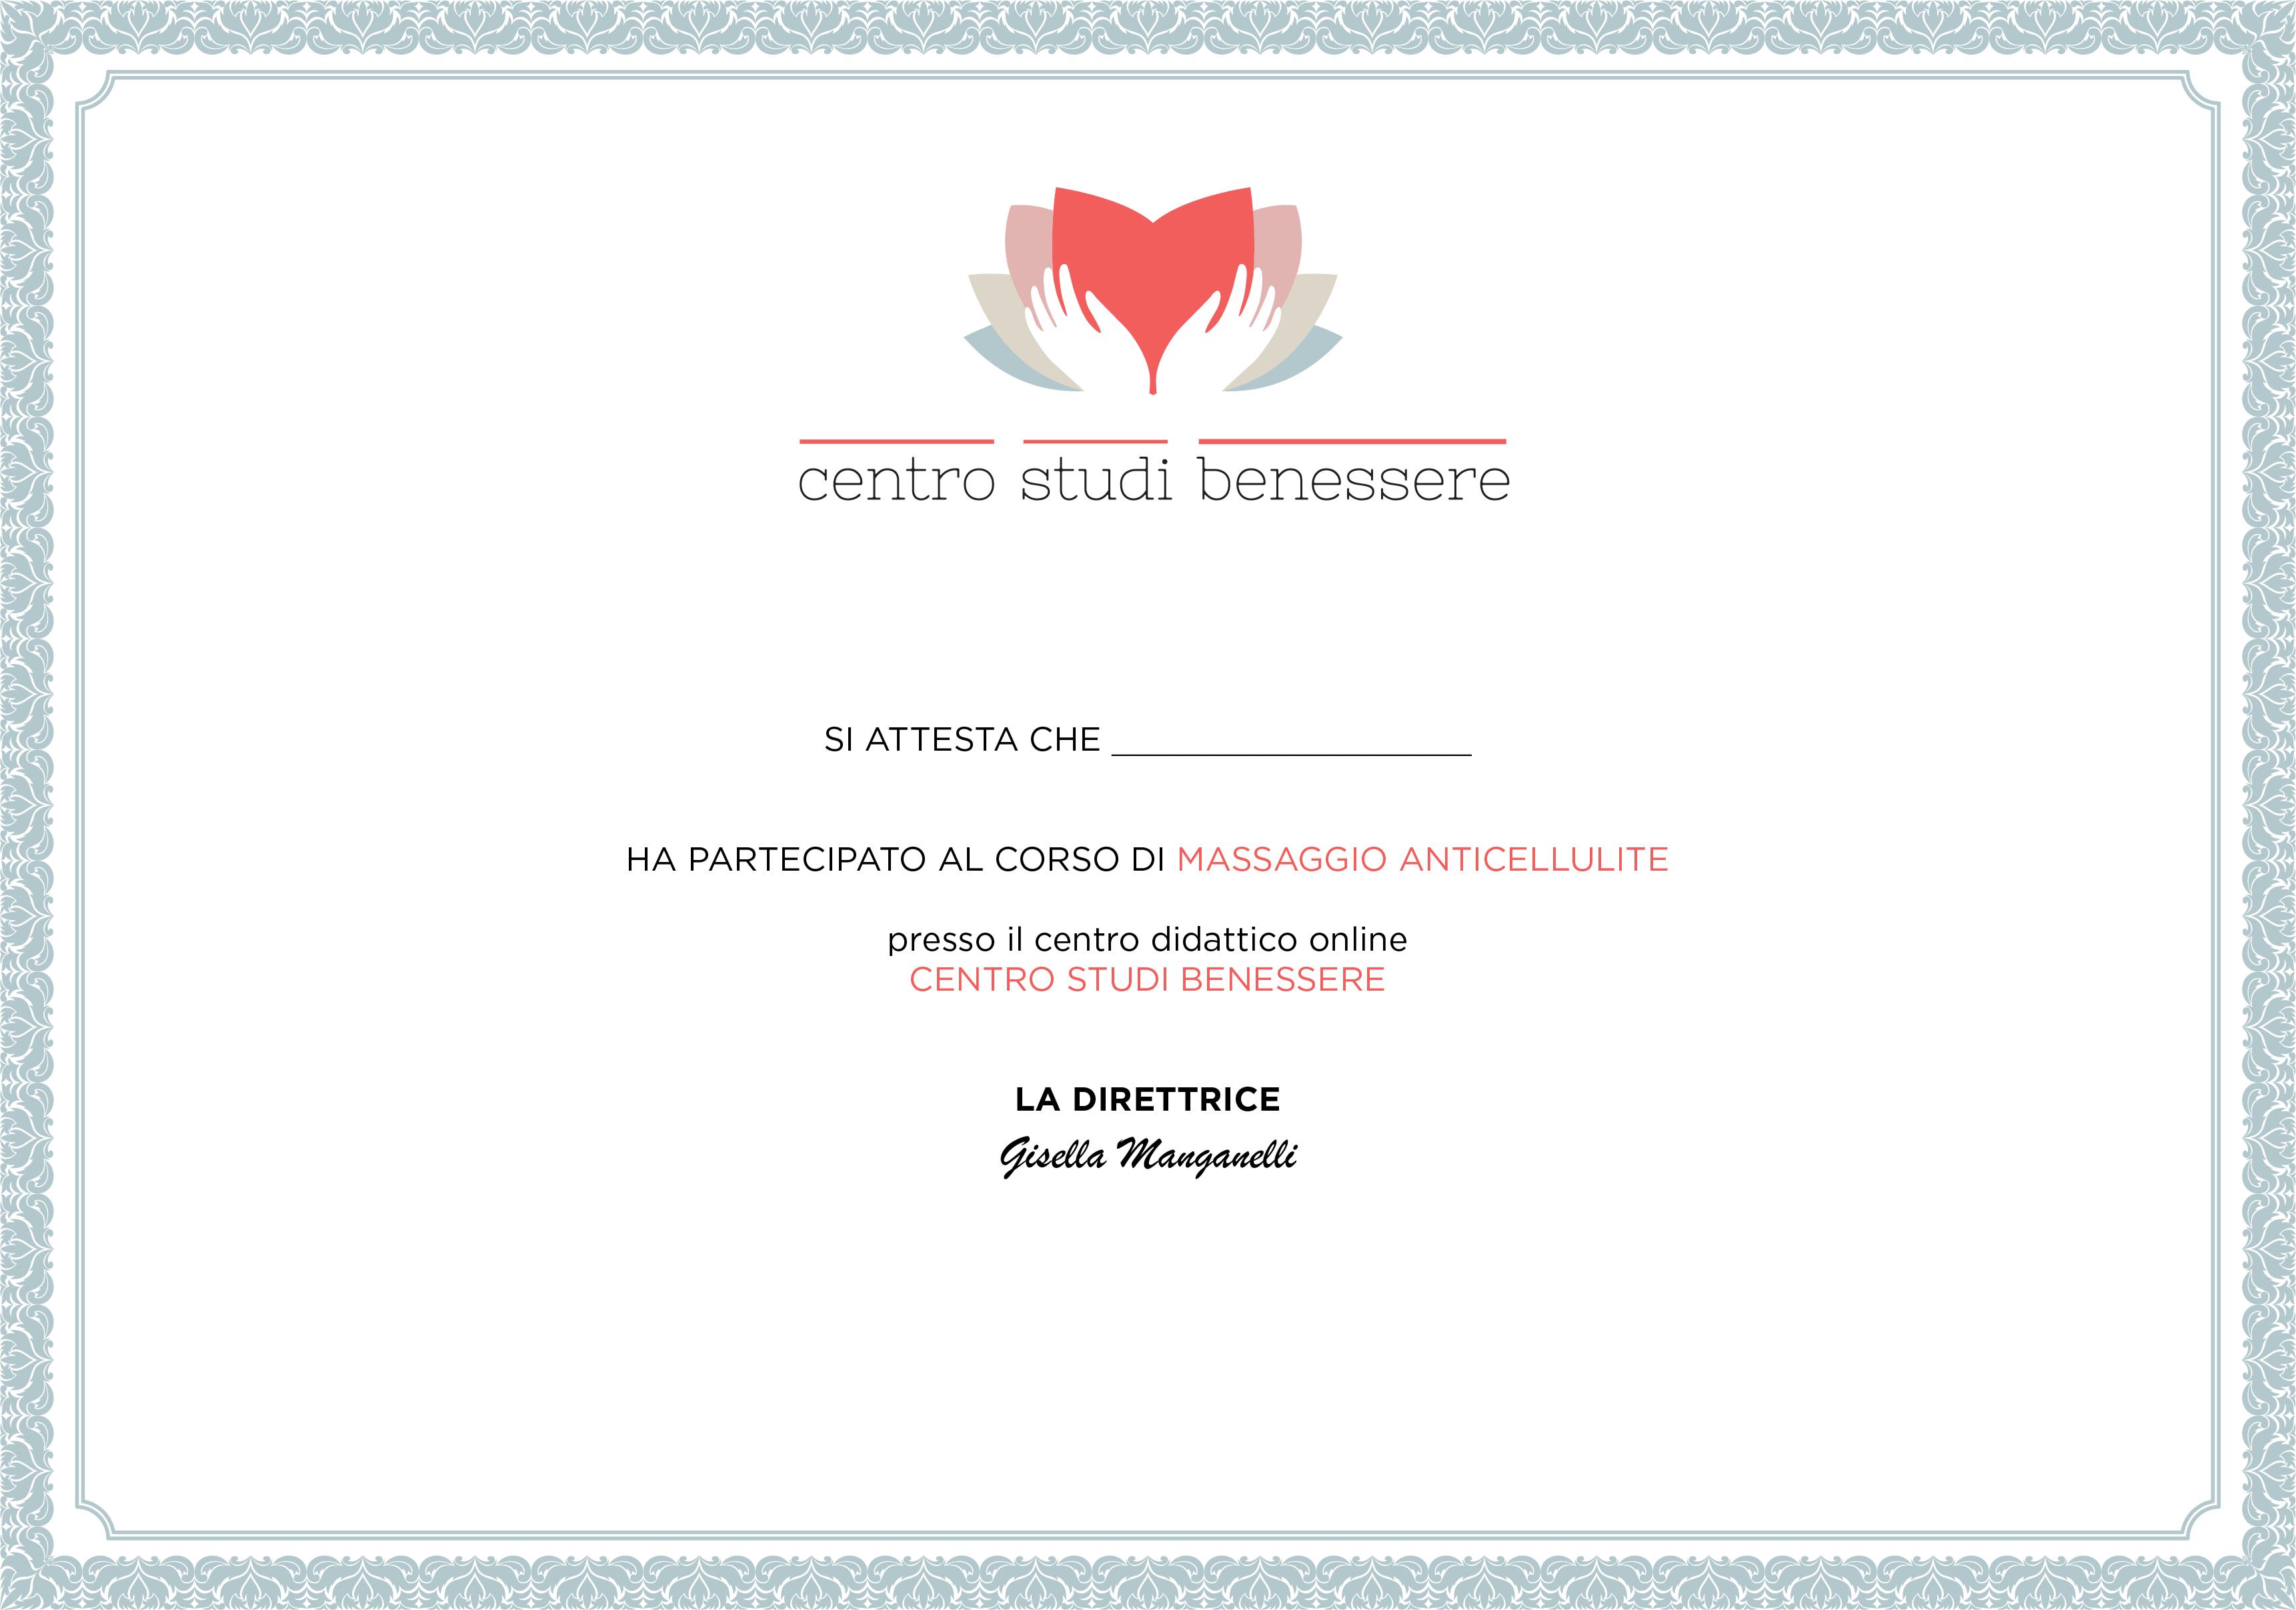 Massaggio Anticellulite Certificato